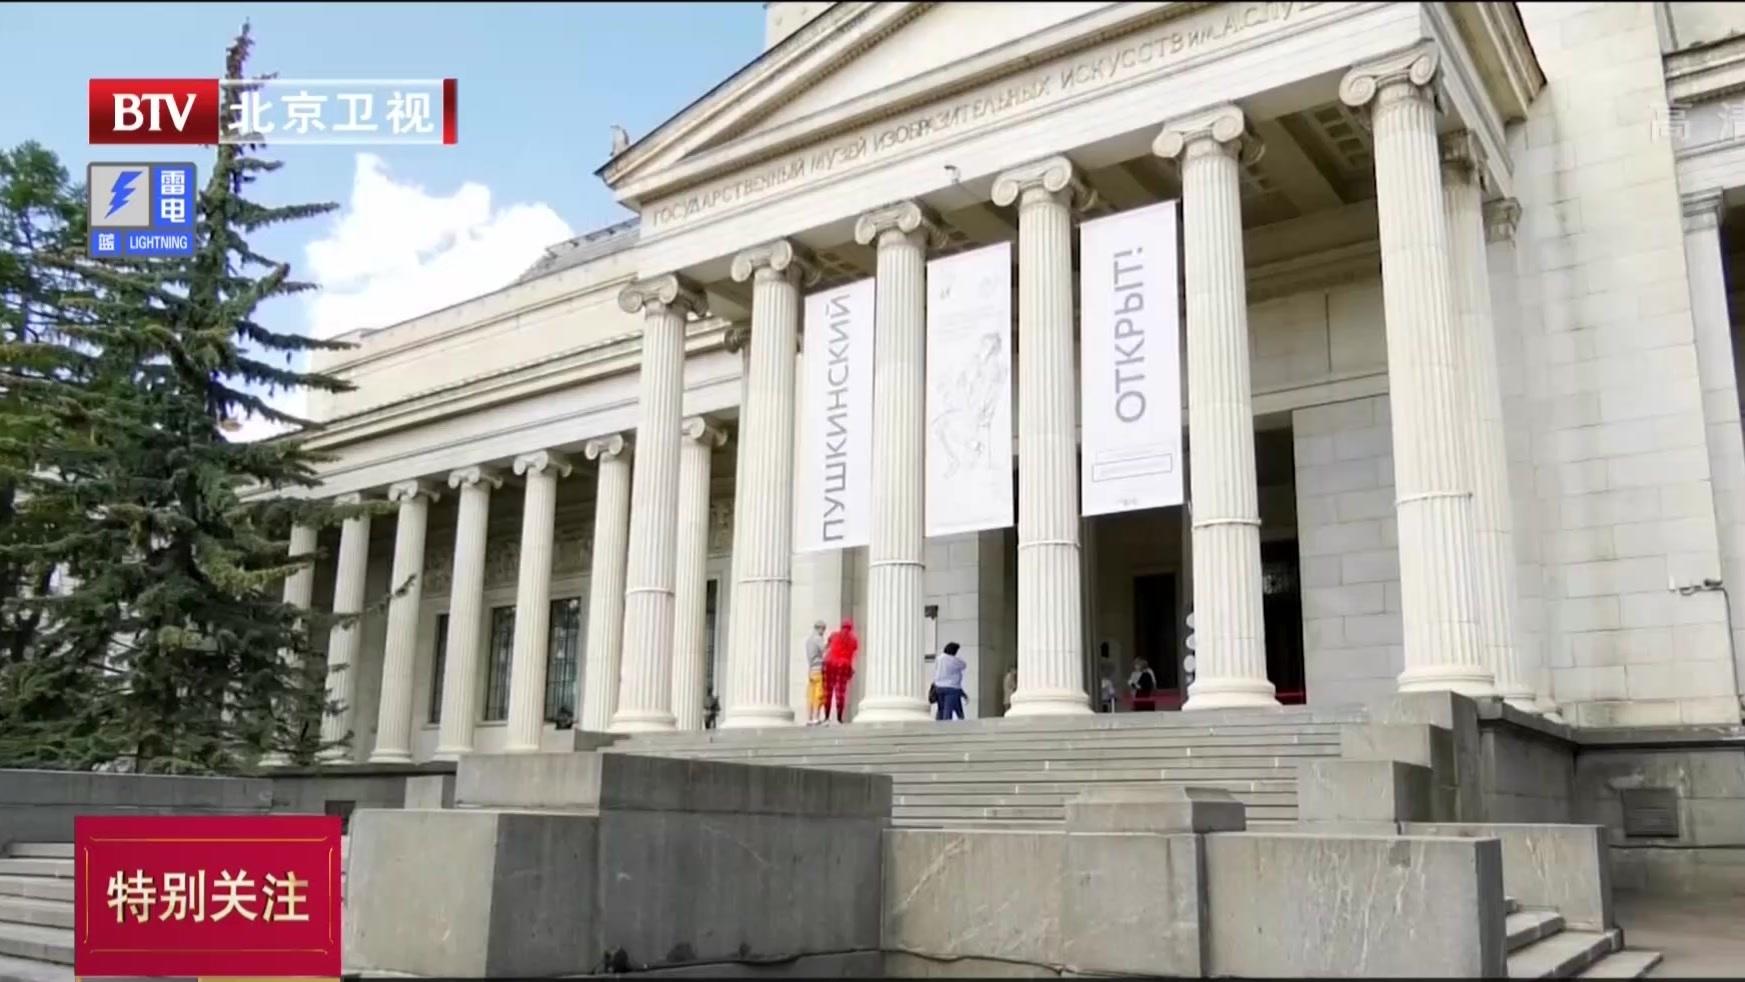 俄罗斯普希金美术博物馆重新开放